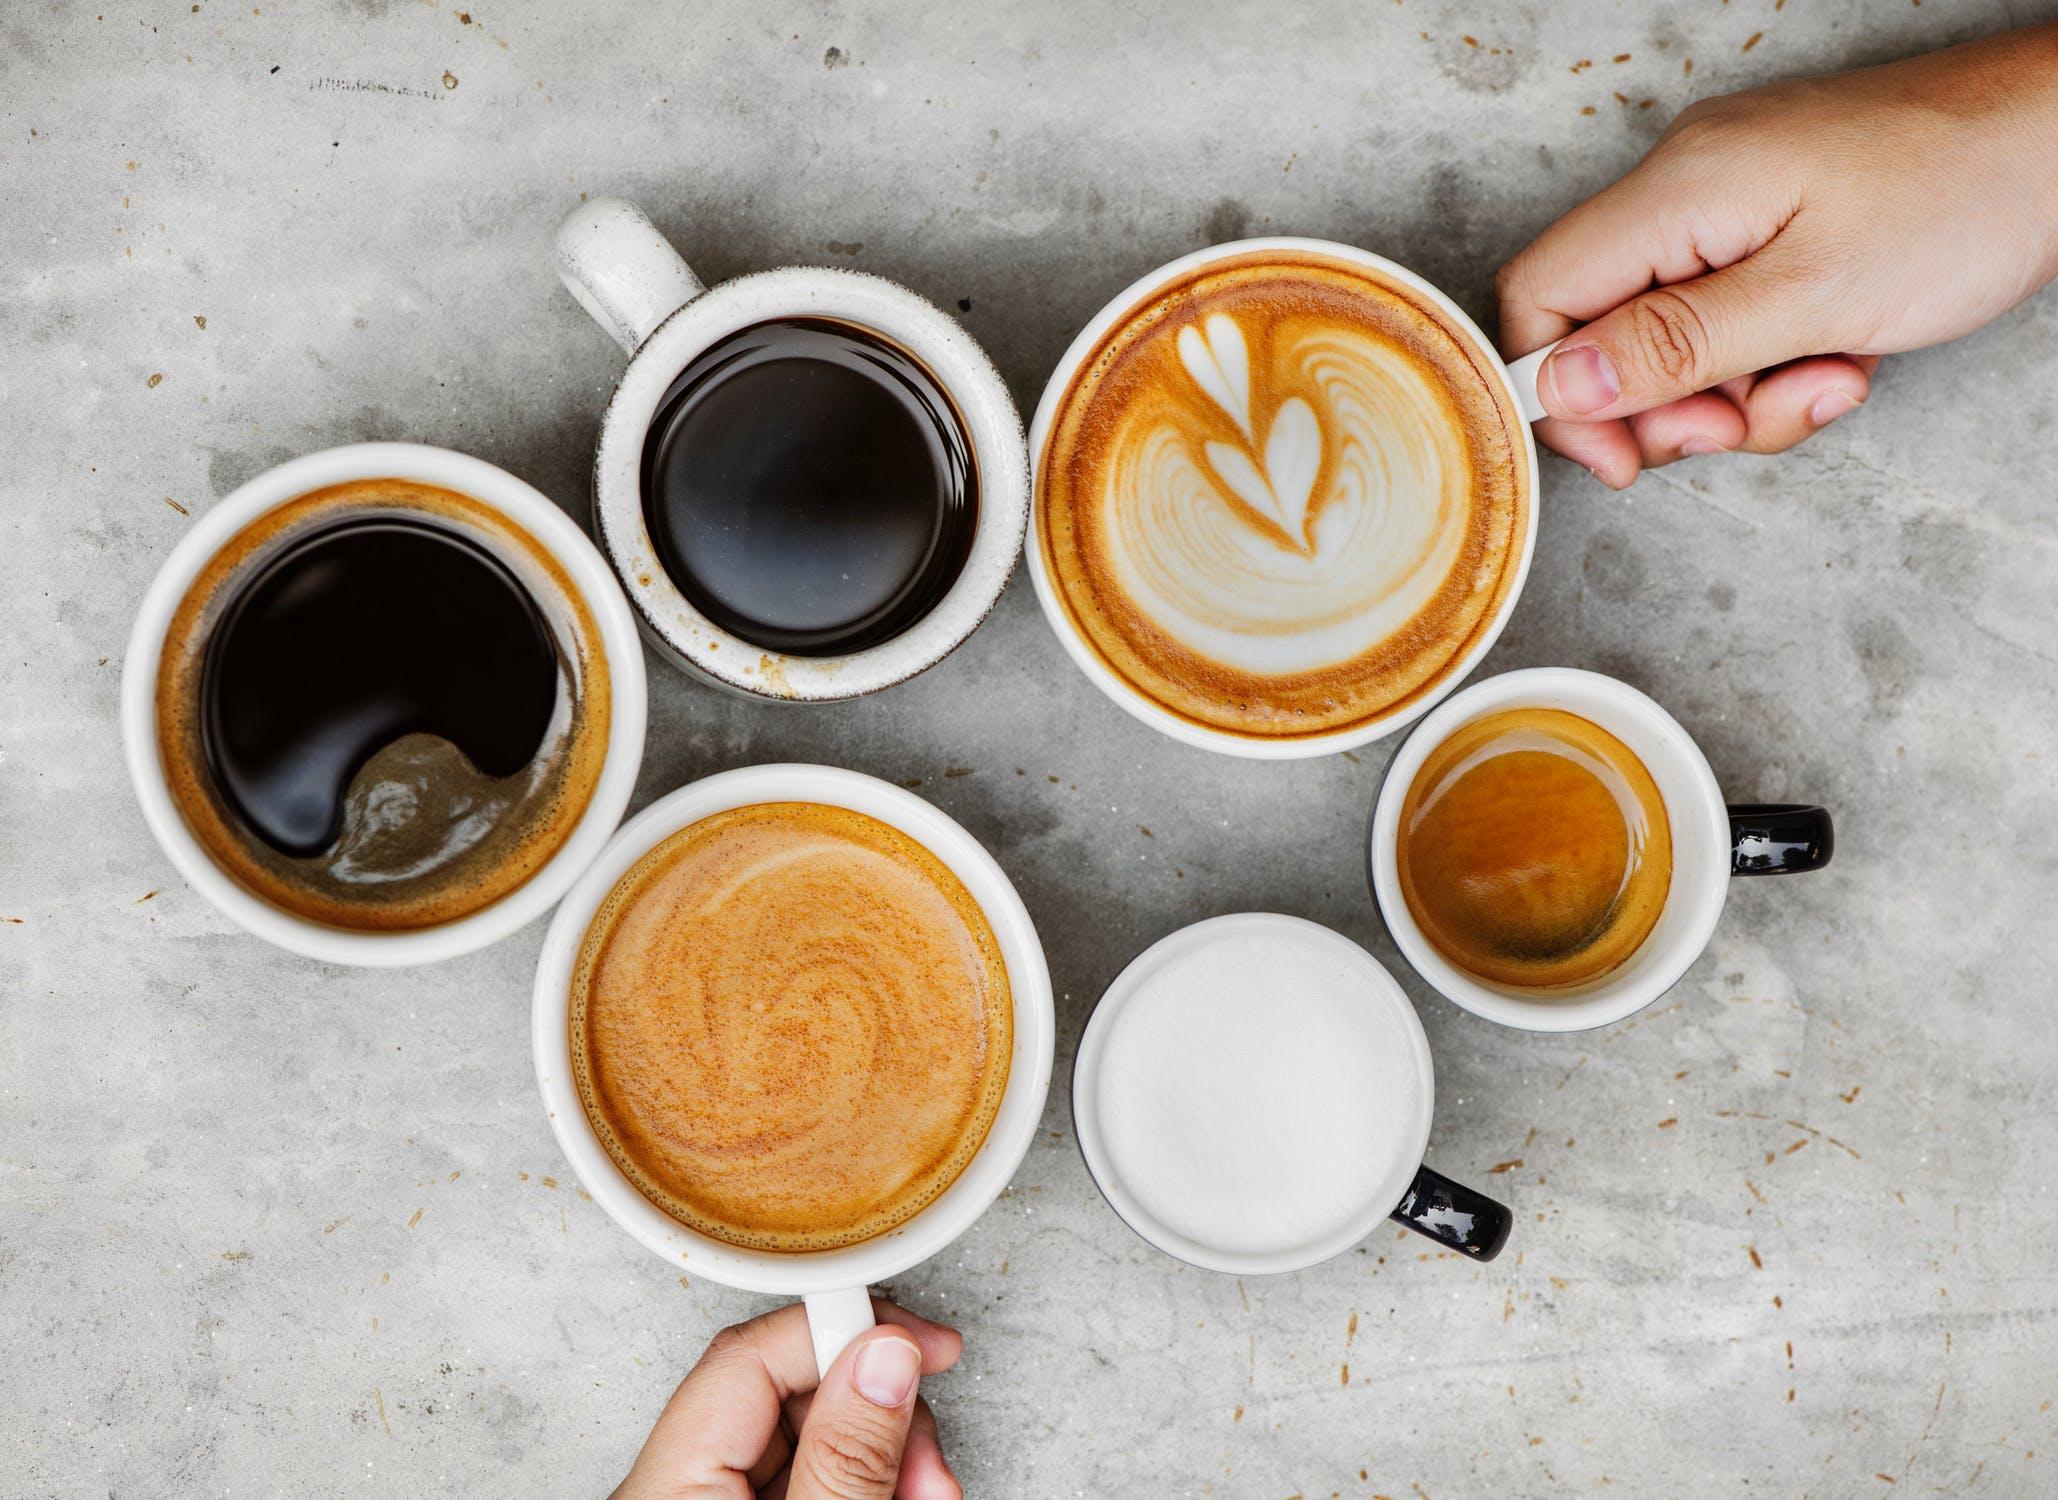 7 EFEITOS DA SUPLEMENTAÇÃO COM CAFEÍNA   CAPACIDADE ERGOGÉNICA ☕️⛹️♀️💙